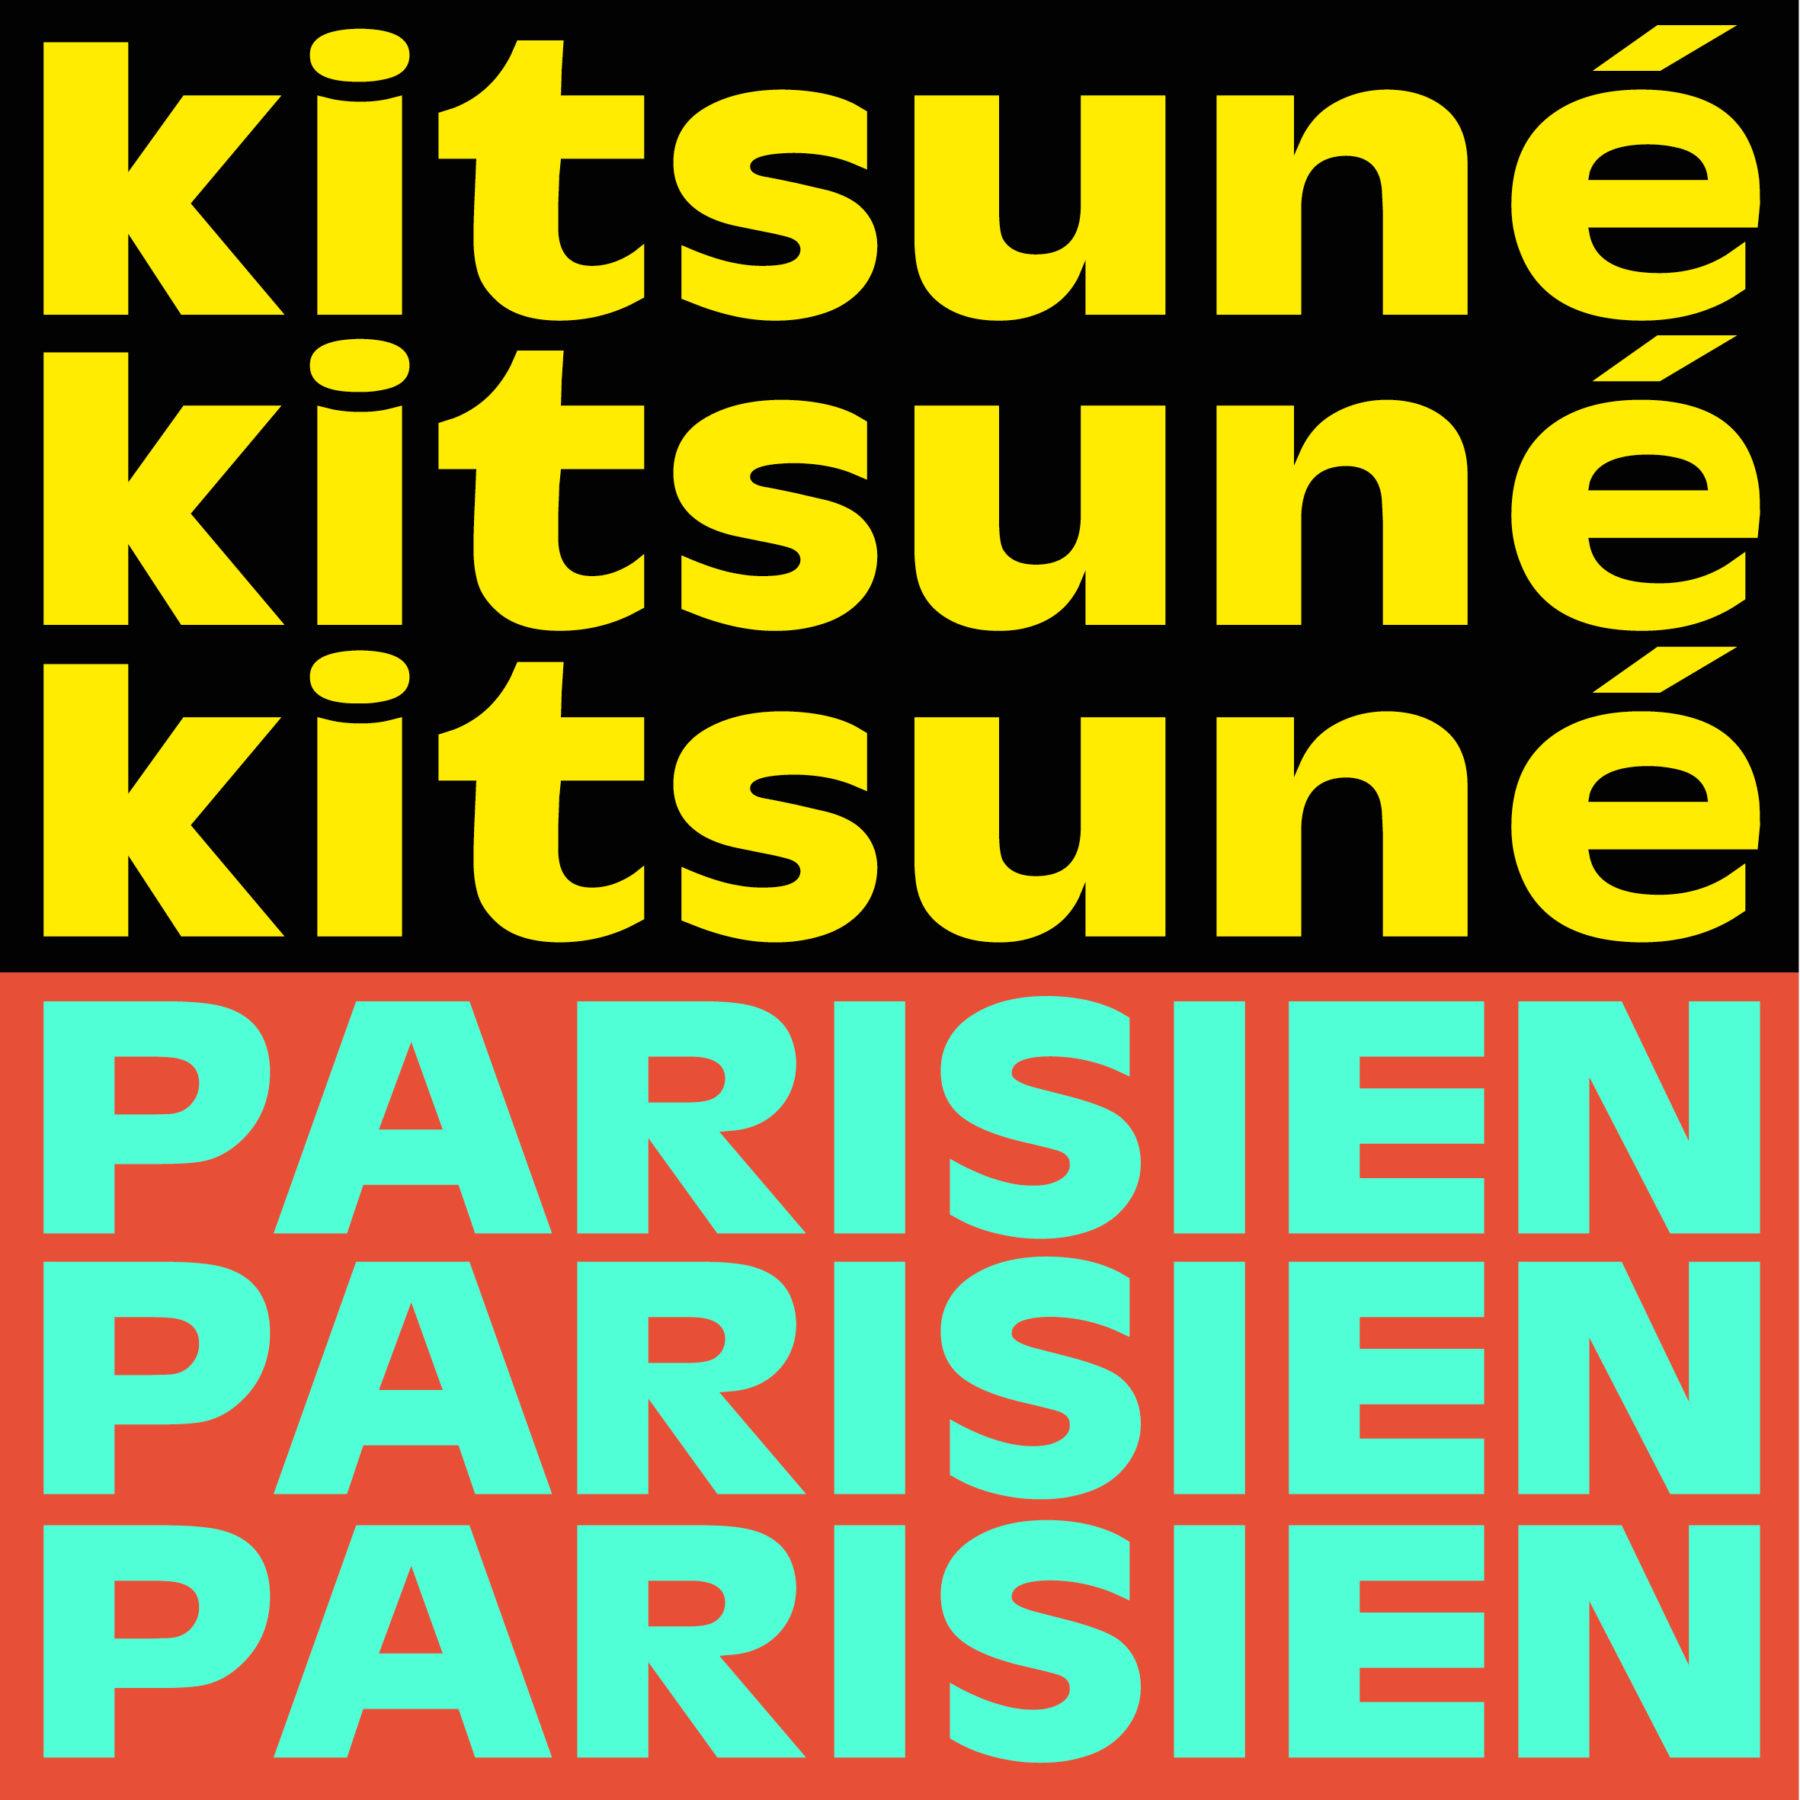 Kitsuné Parisien